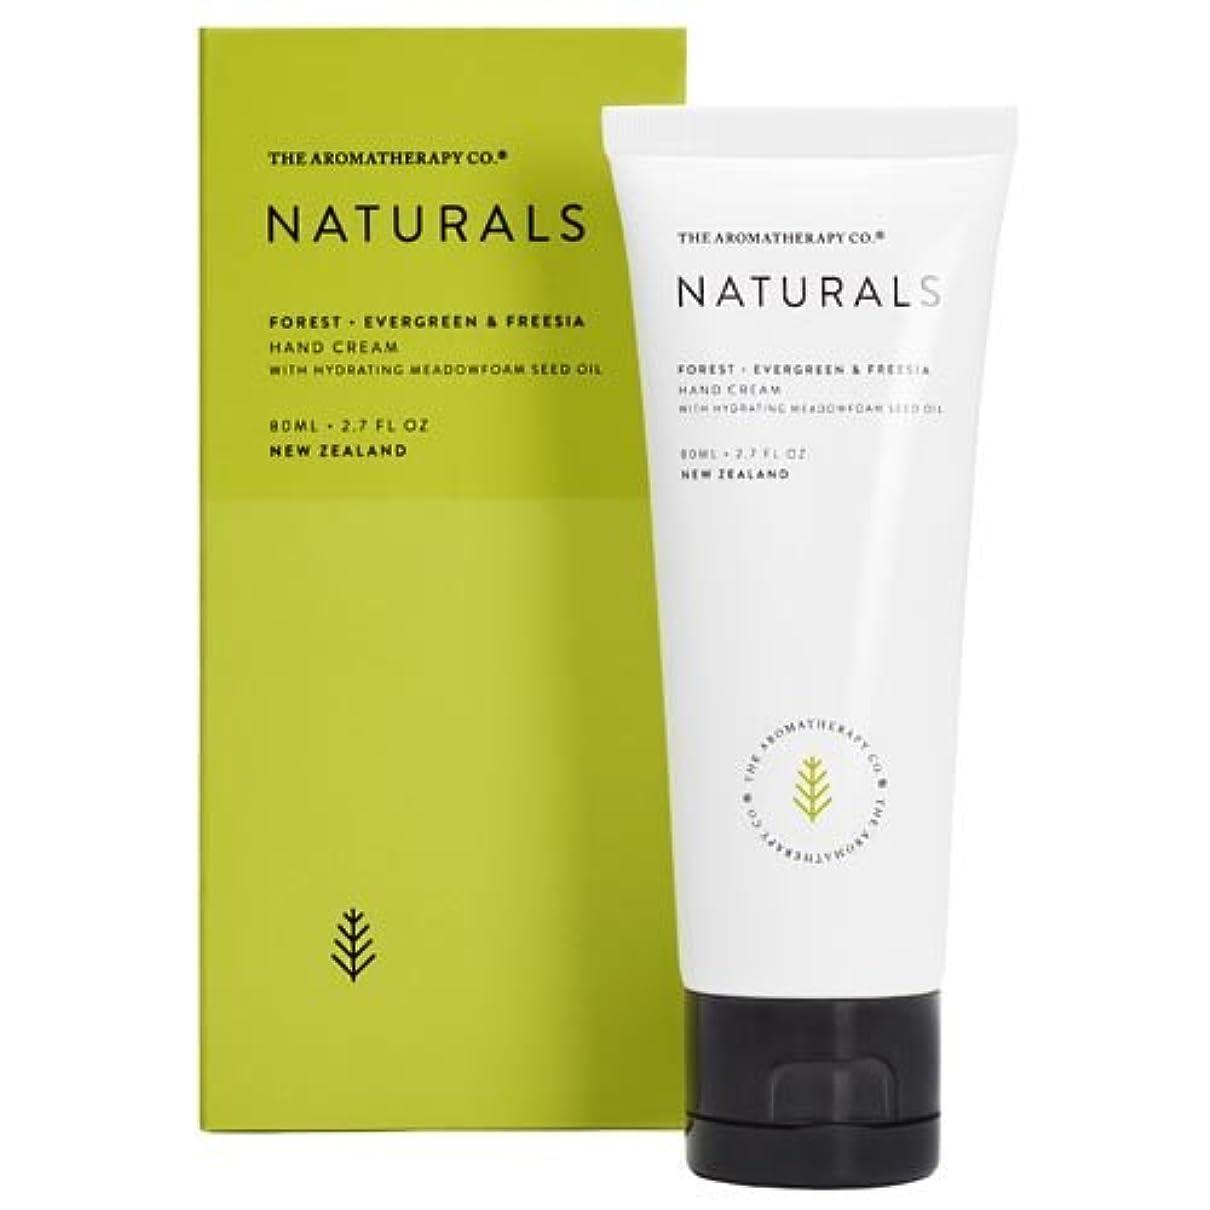 みなす中央値自分のnew NATURALS ナチュラルズ Hand Cream ハンドクリーム Forest フォレスト(森林)Evergreen & Freesia エバーグリーン&フリージア